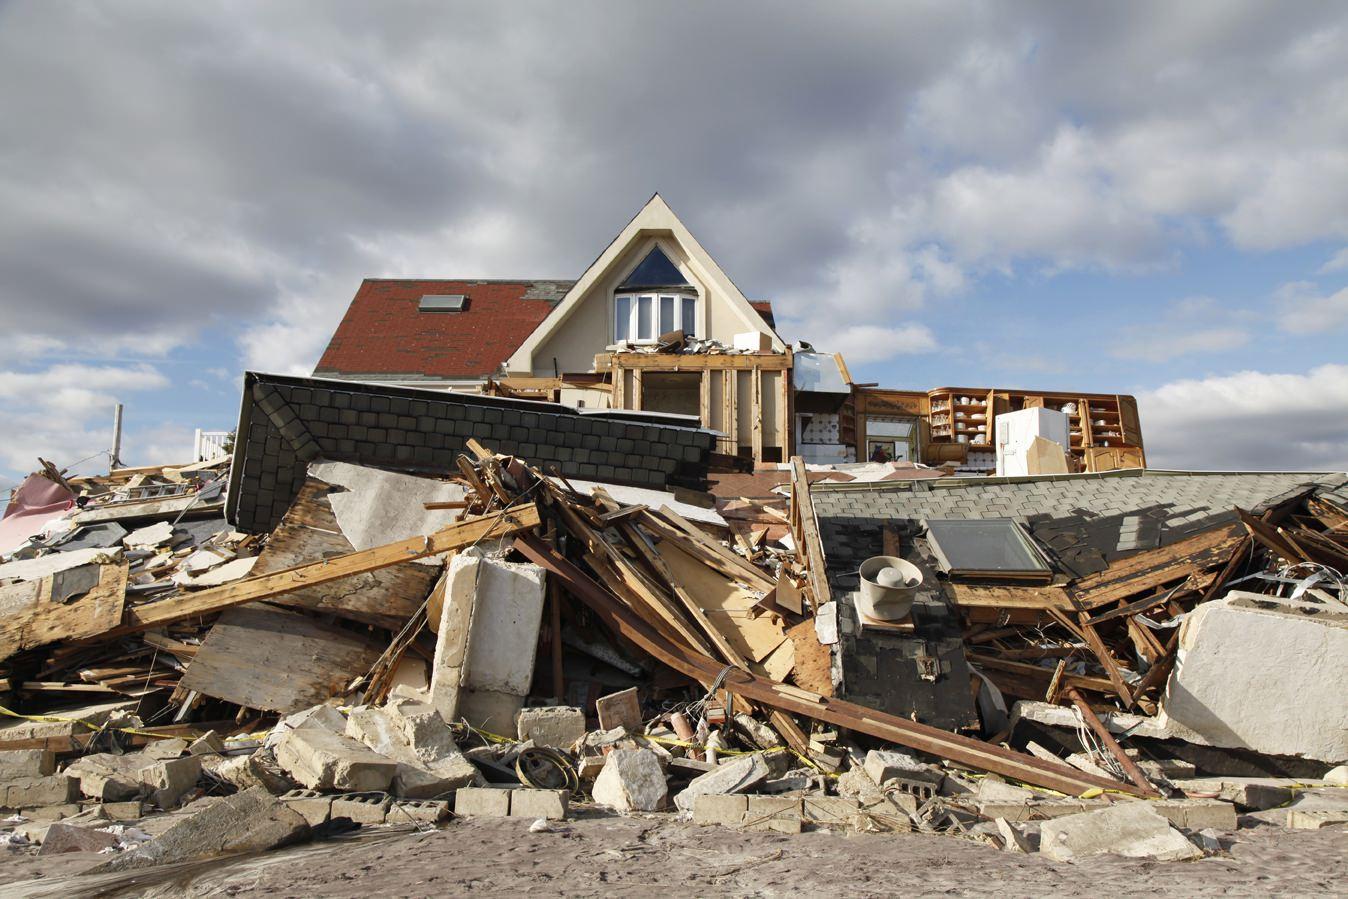 Calamità naturali, chi deve intervenire?